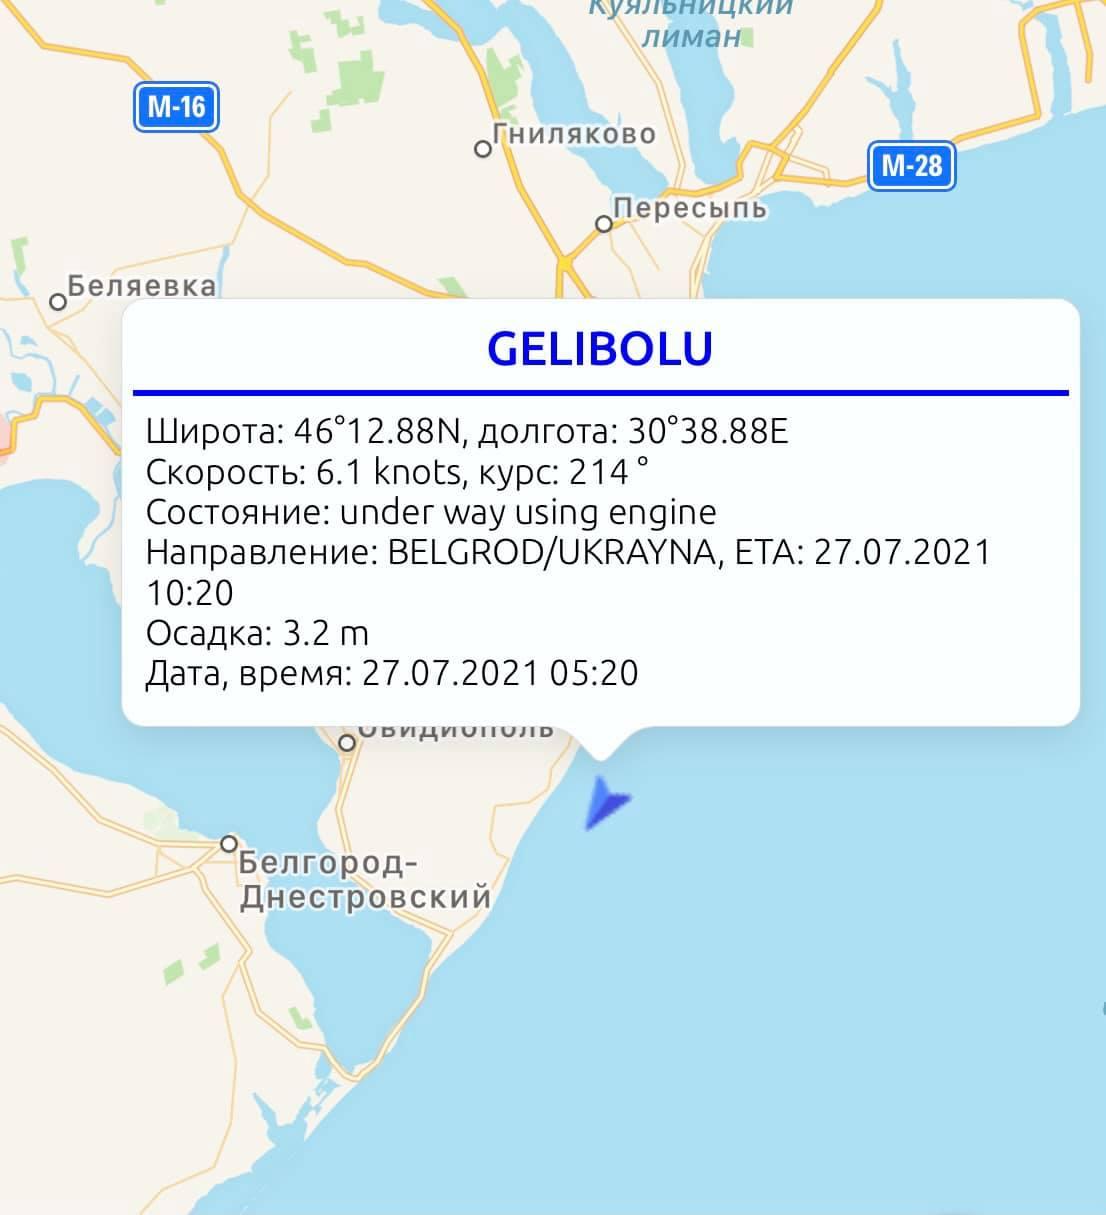 После проблем с заходом судна в Белгород-Днестровский порт в его акватории проведут дноуглубительные работы